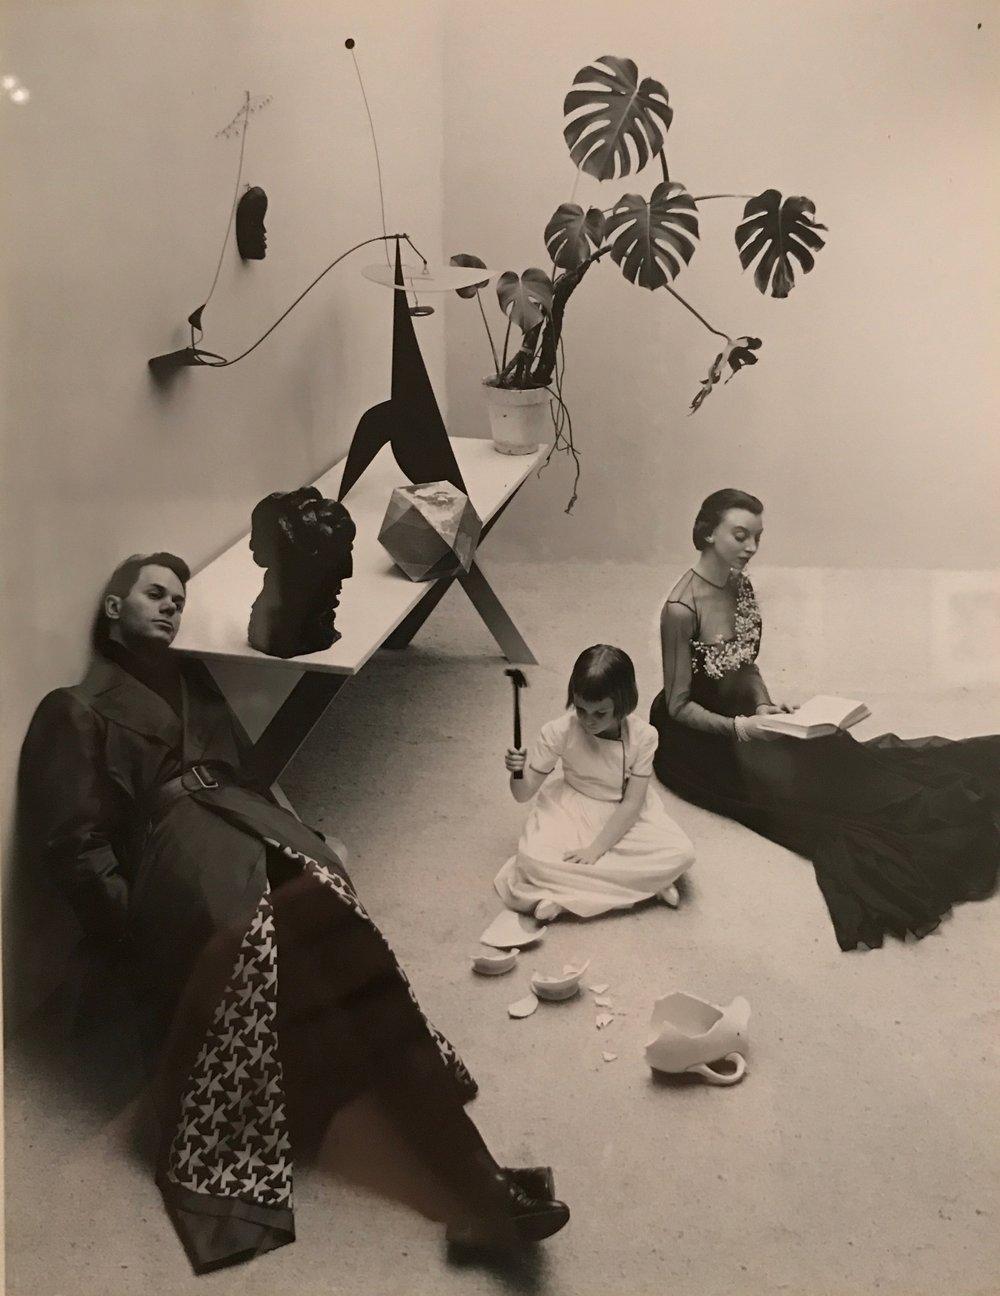 Irving Penn, Modern Family, 1947